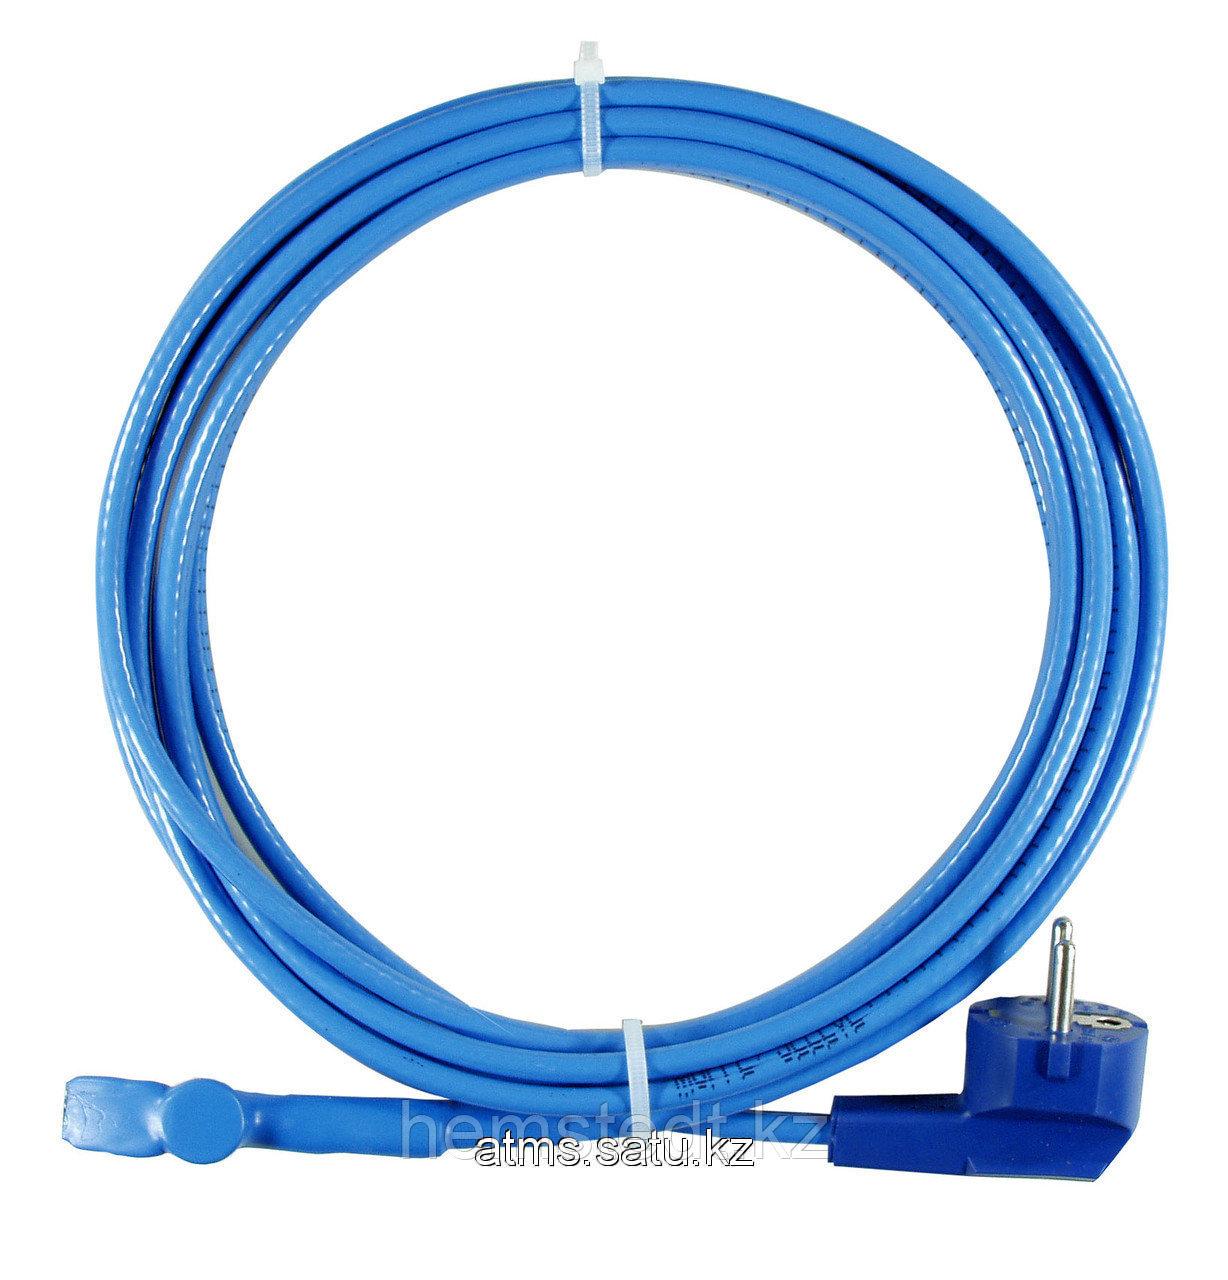 Кабель Hemstedt FS для защиты трубопроводов от замерзания с термоограничителем 48м